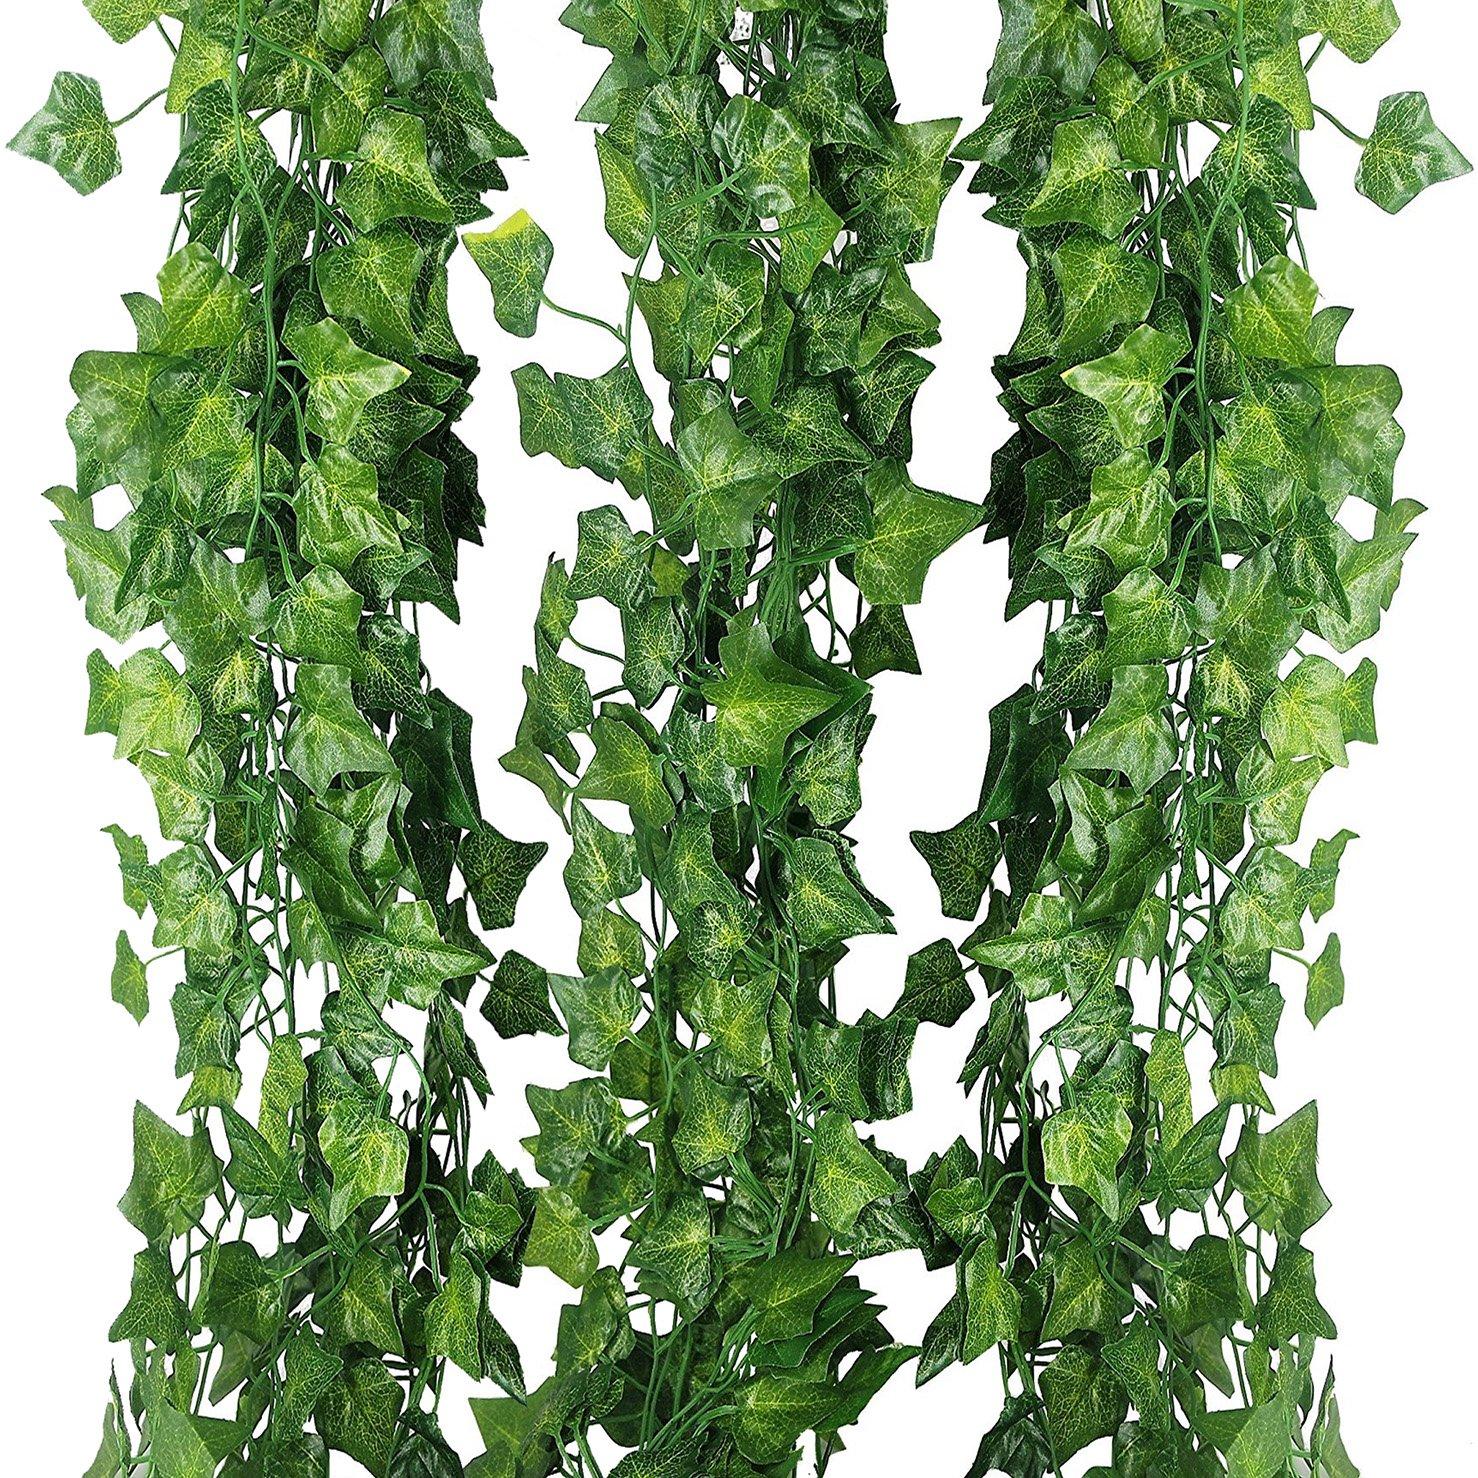 Pianta rampicante finta, 12 fili x 24 m (80 ft), edera rampicante, foglie verdi in seta, decorazione da interni ed esterni (casa, ufficio,cucina,balaustra, giardino, muro) per matrimonio Antspirit